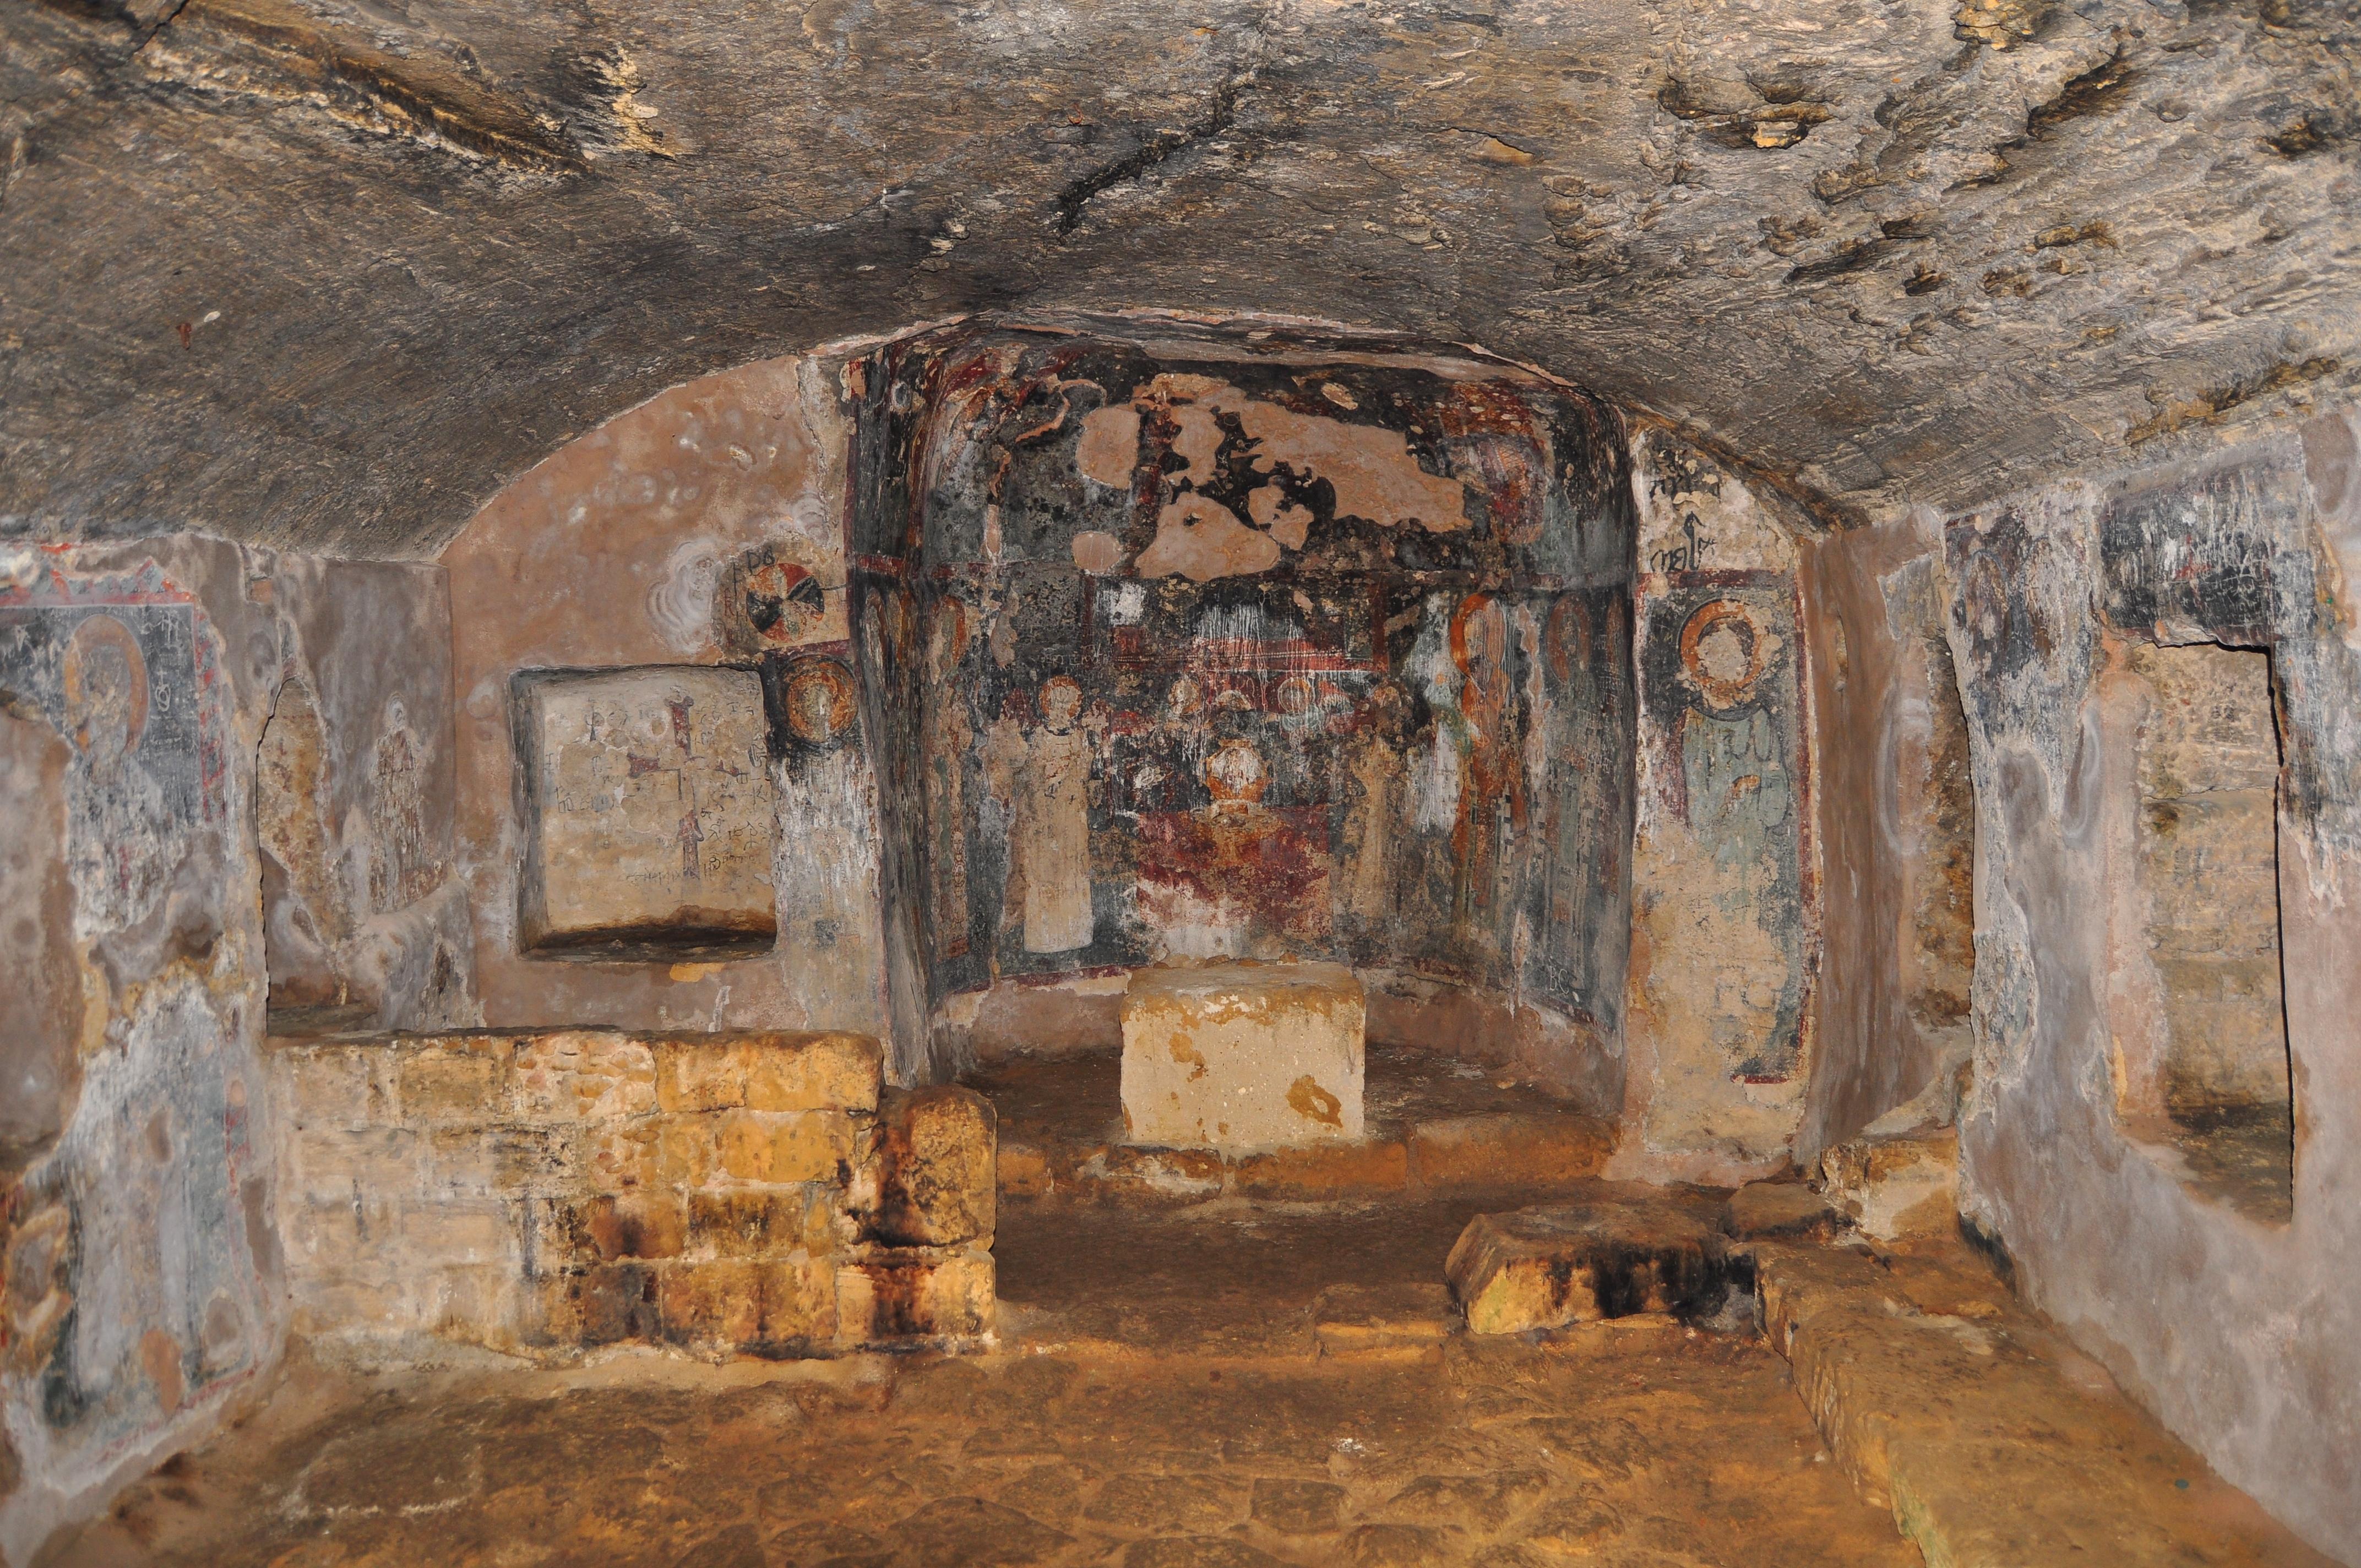 Picturi murale. Catacombe. Paphos